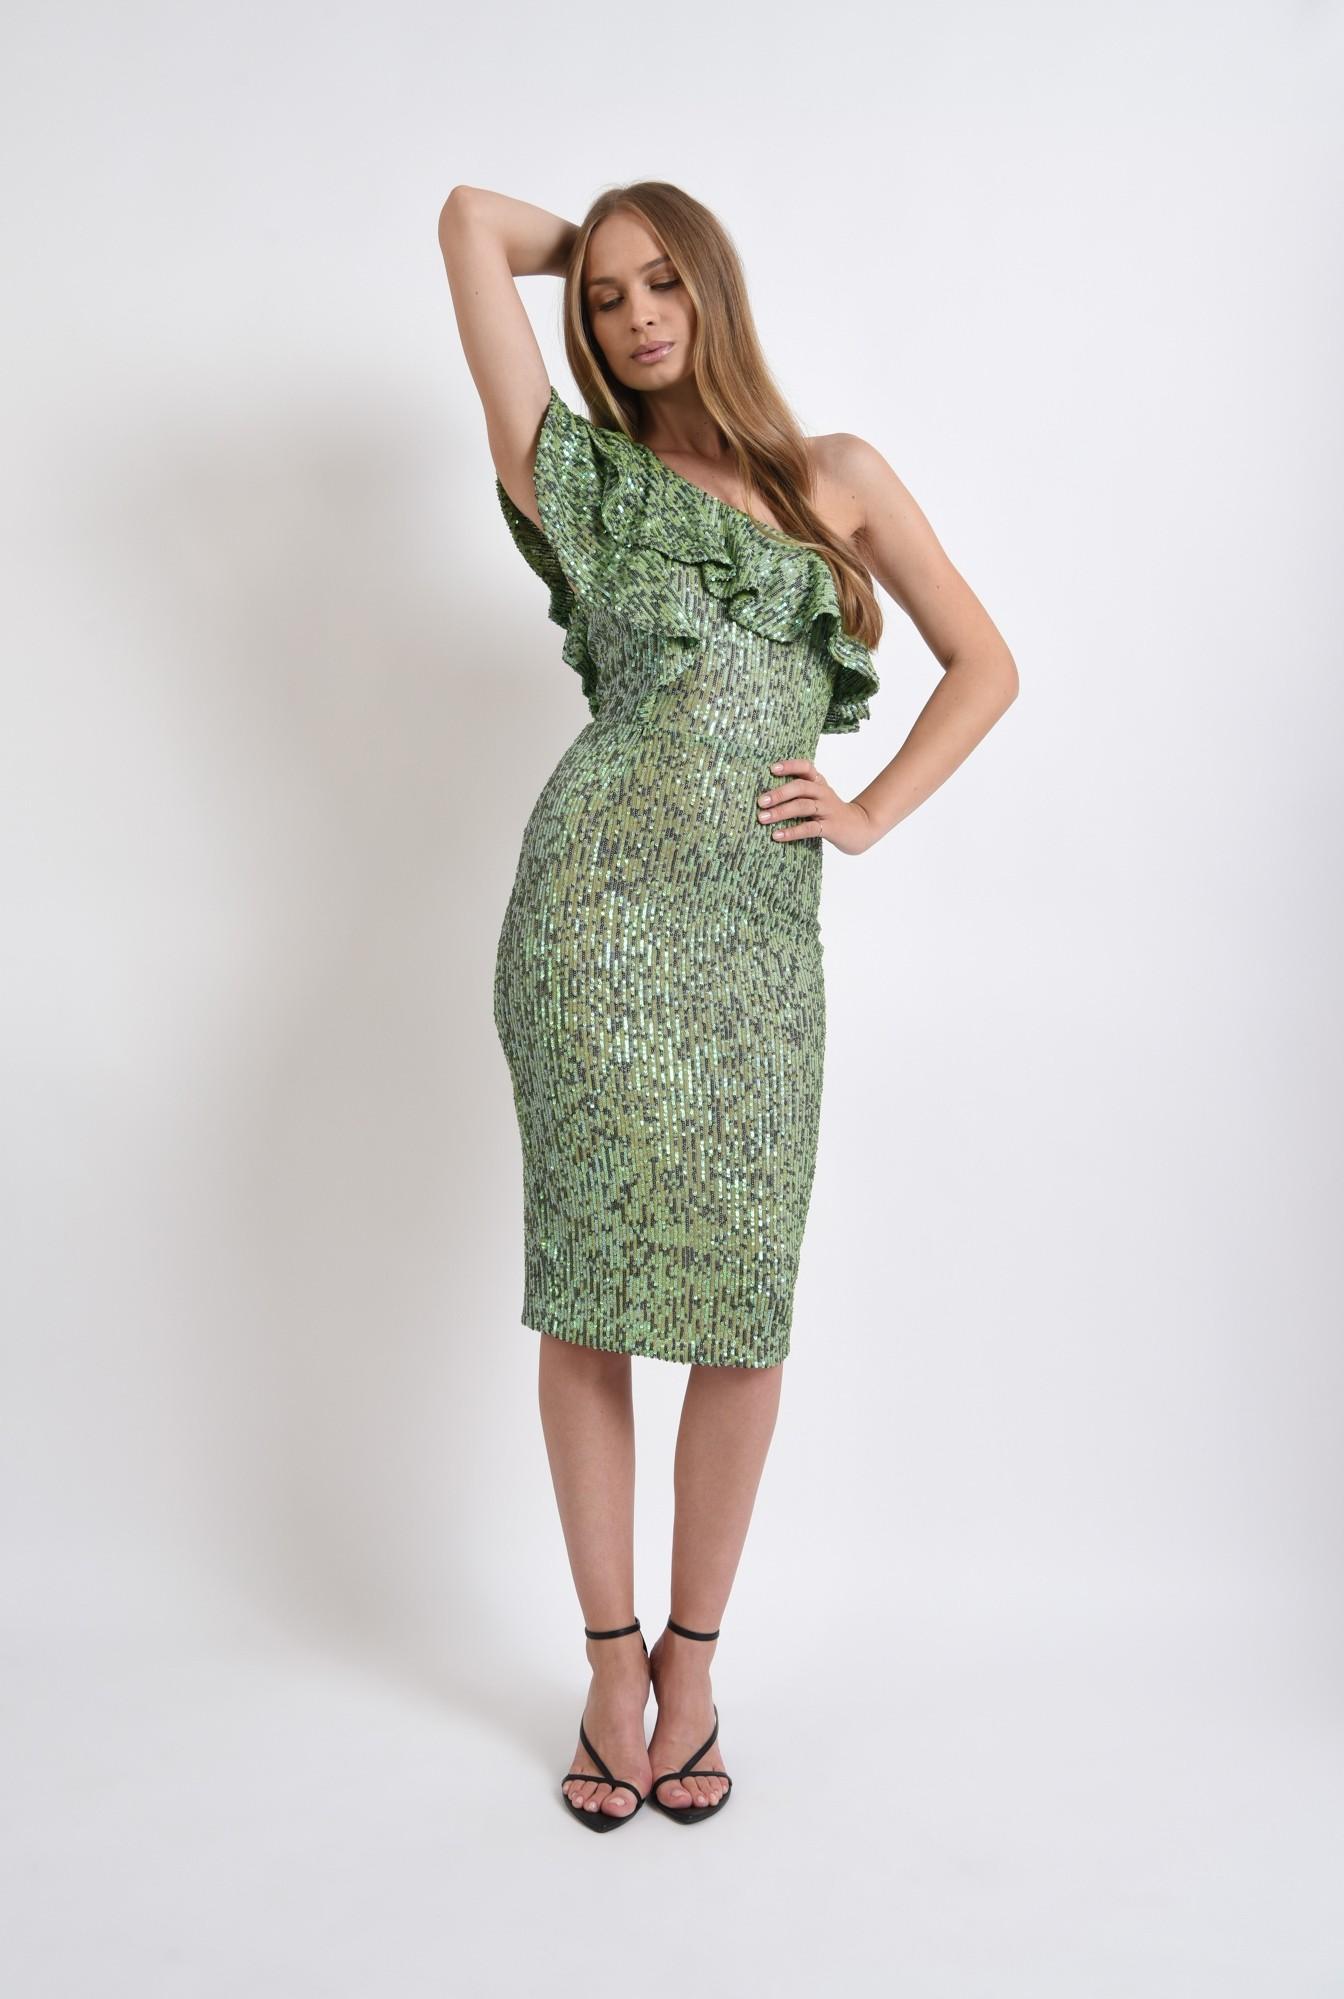 0 - rochie verde, midi, cu paiete